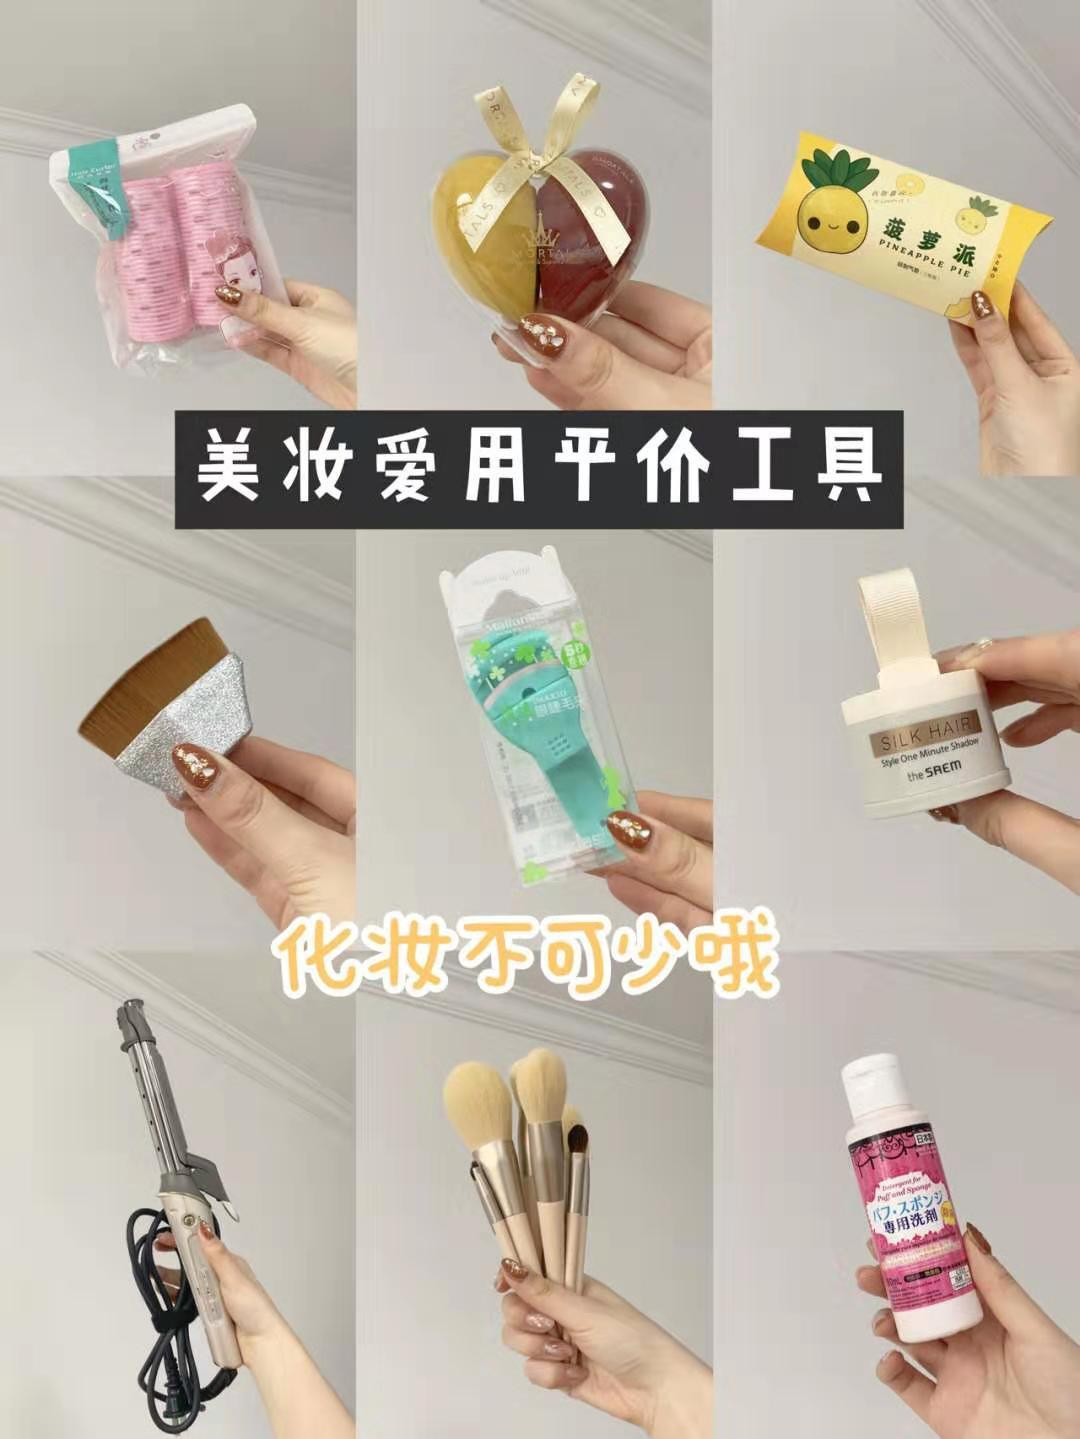 新手必看✔️平价美妆工具分享